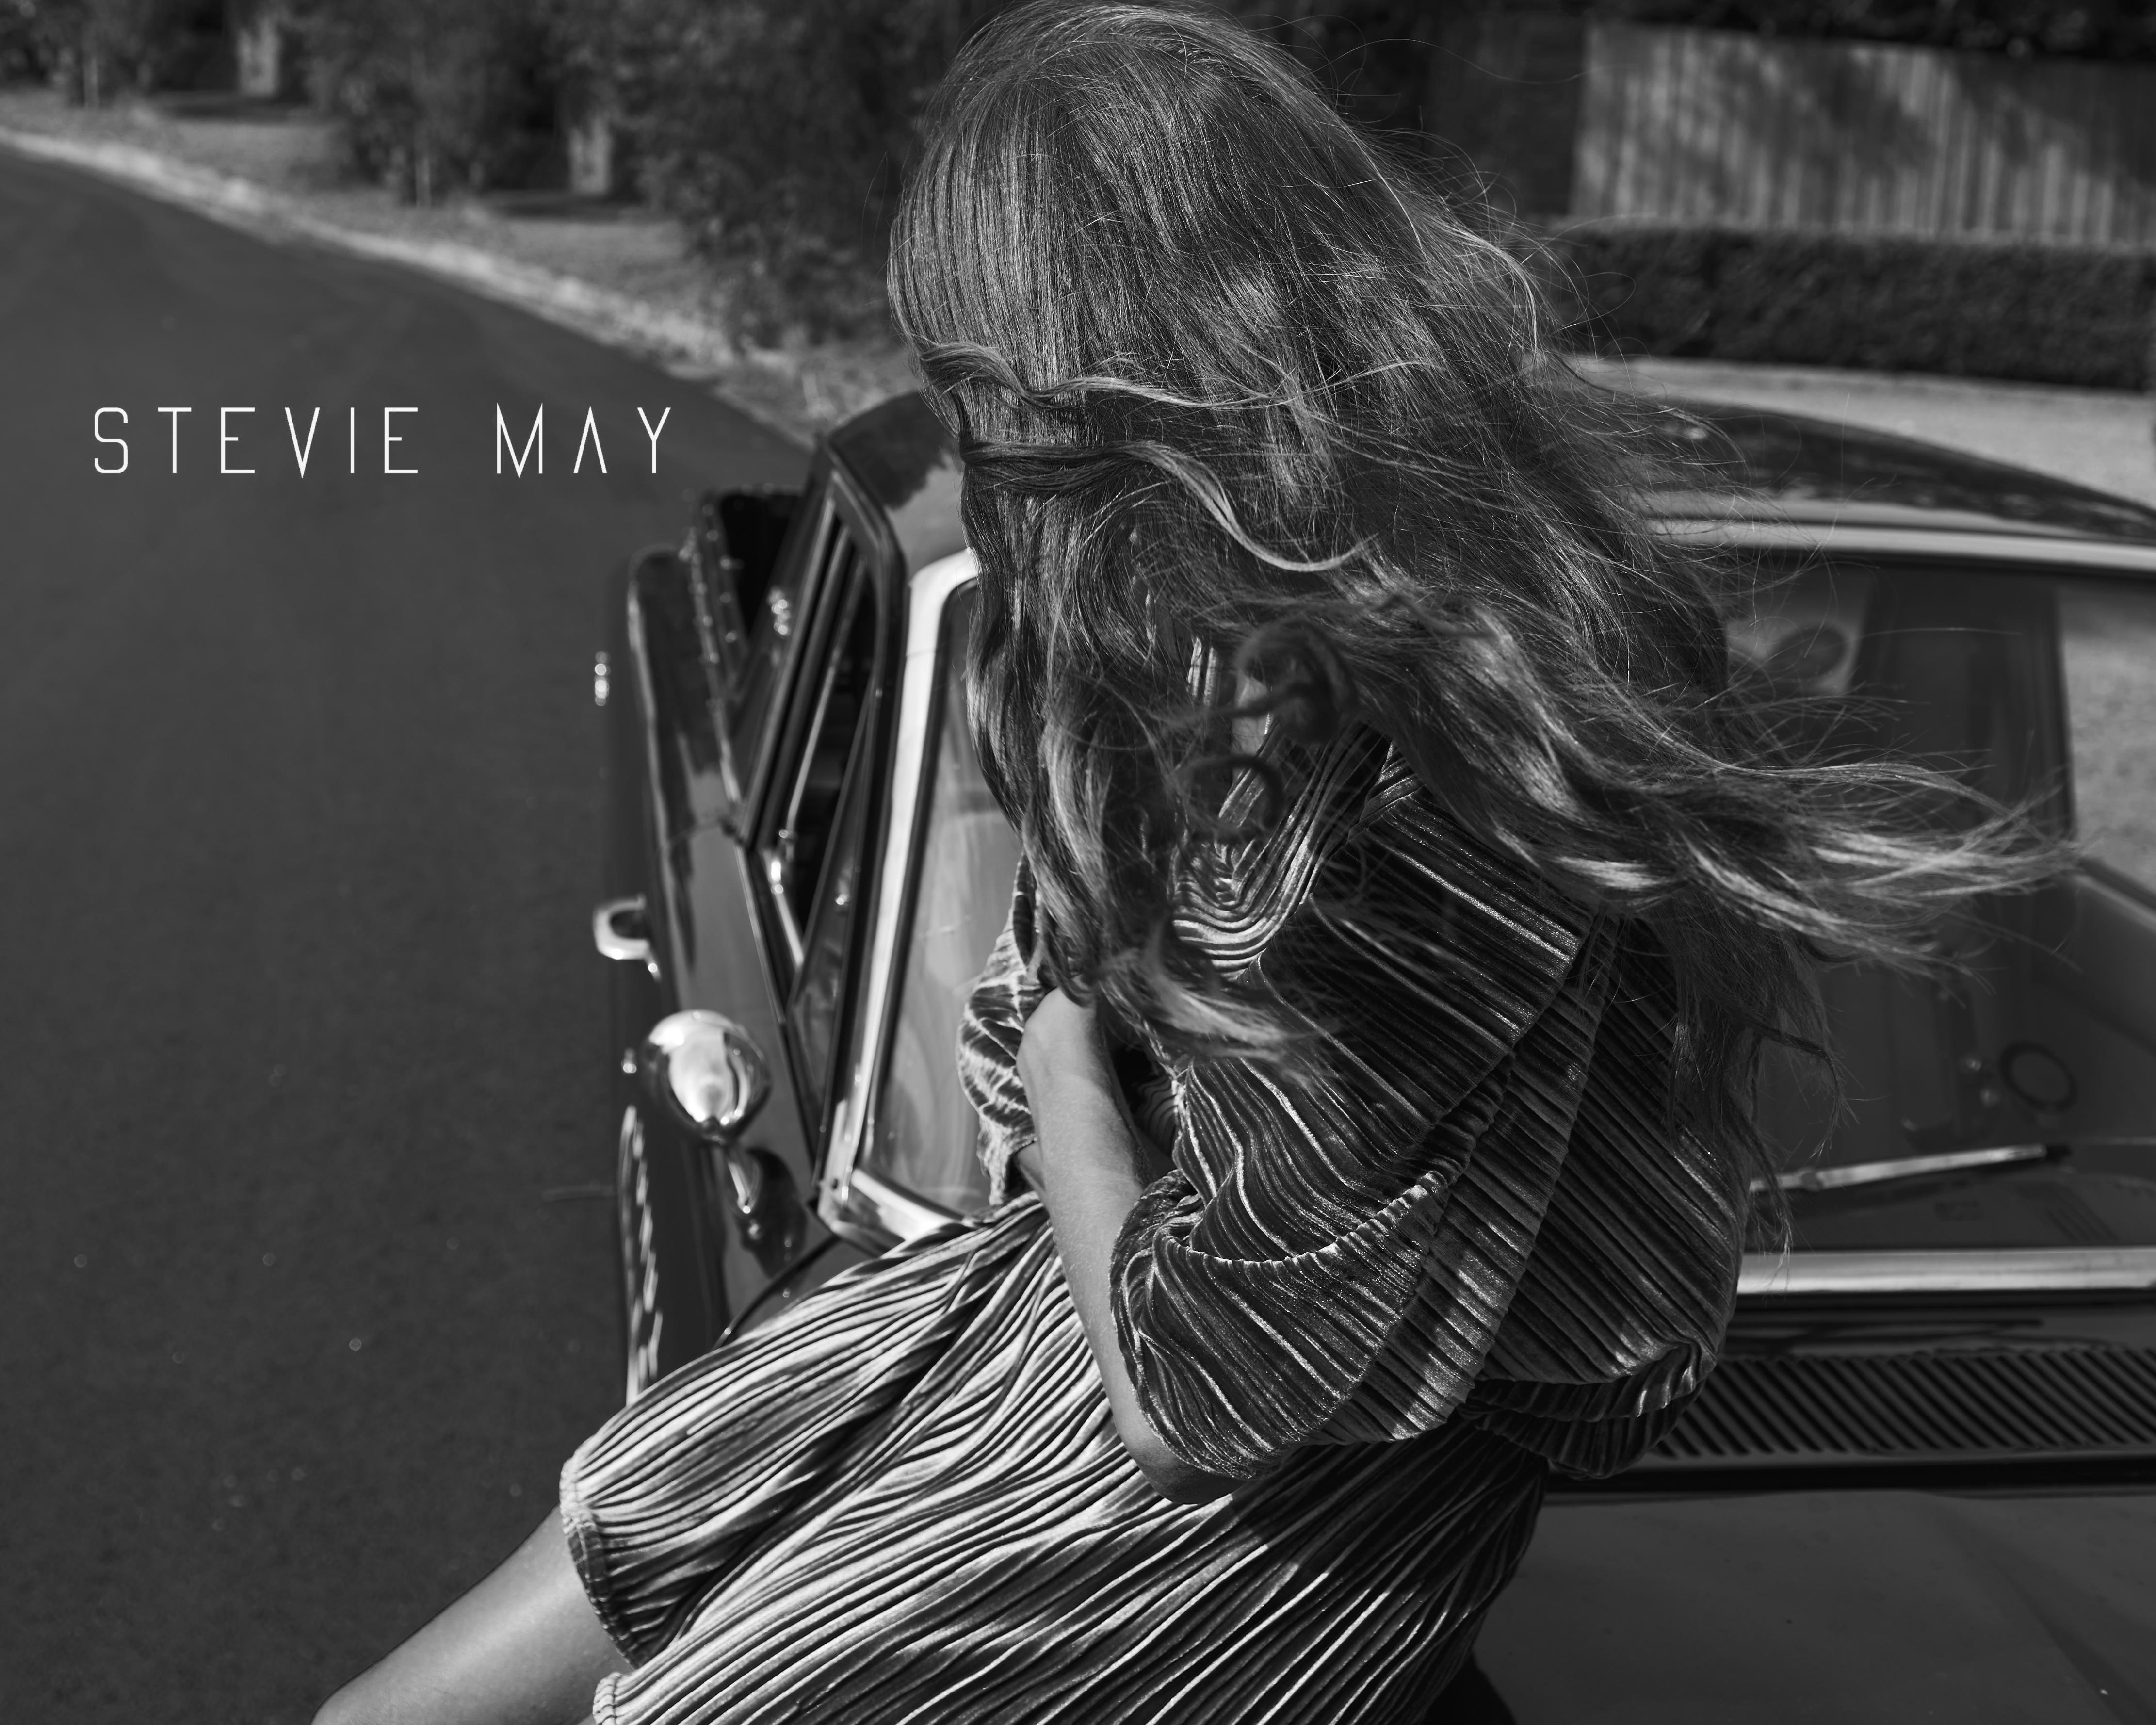 Lb170102_Stevie_May_Lookbook_Location_177